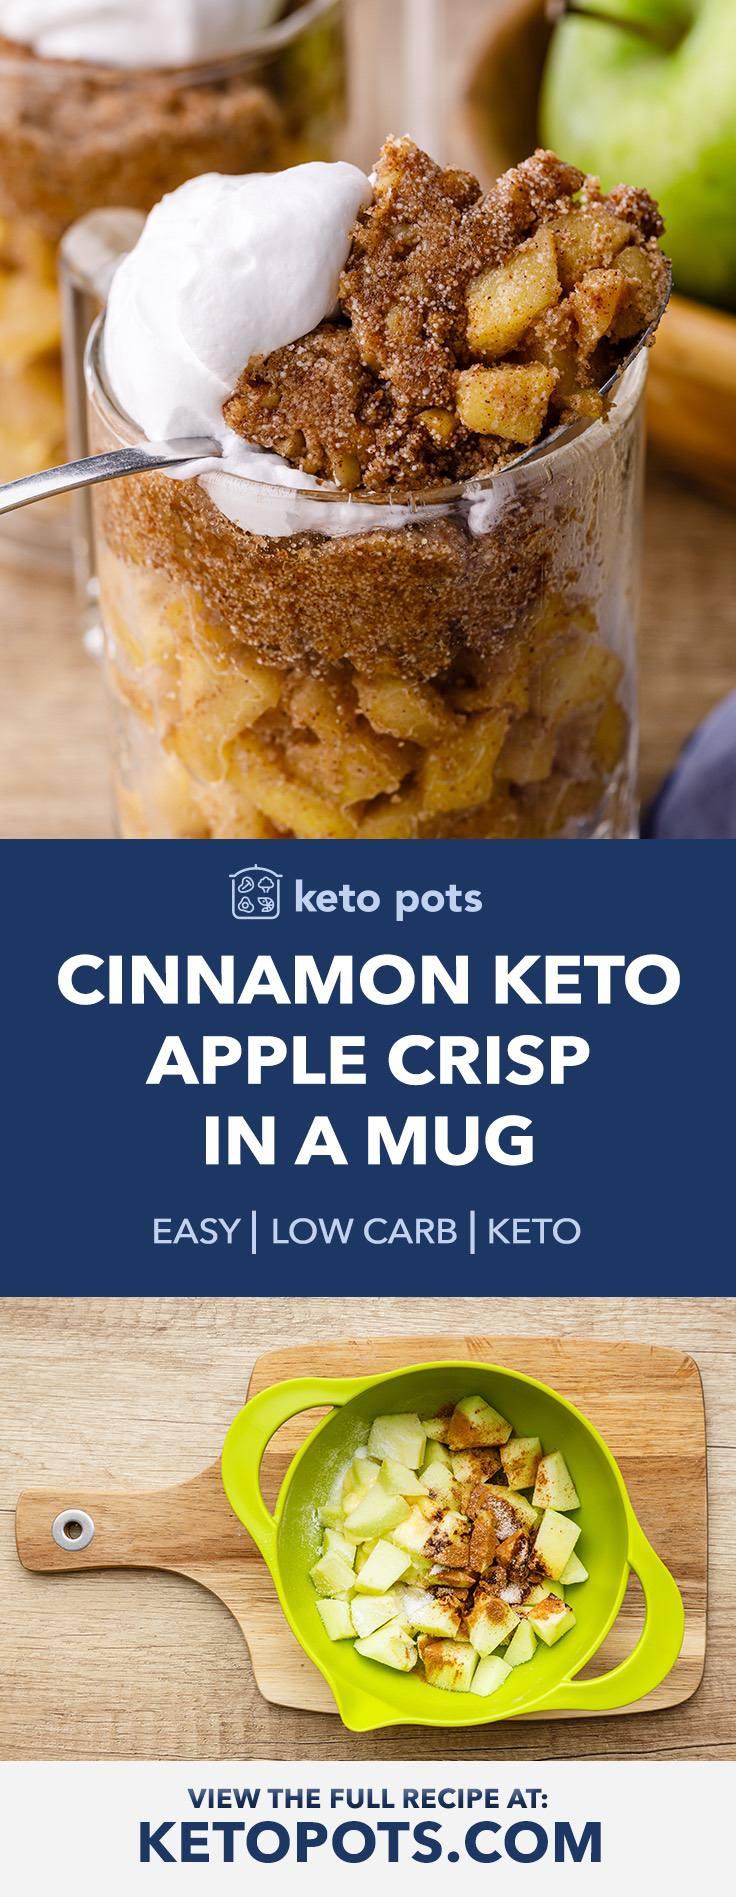 Cinnamon Keto Apple Crisp in a Mug